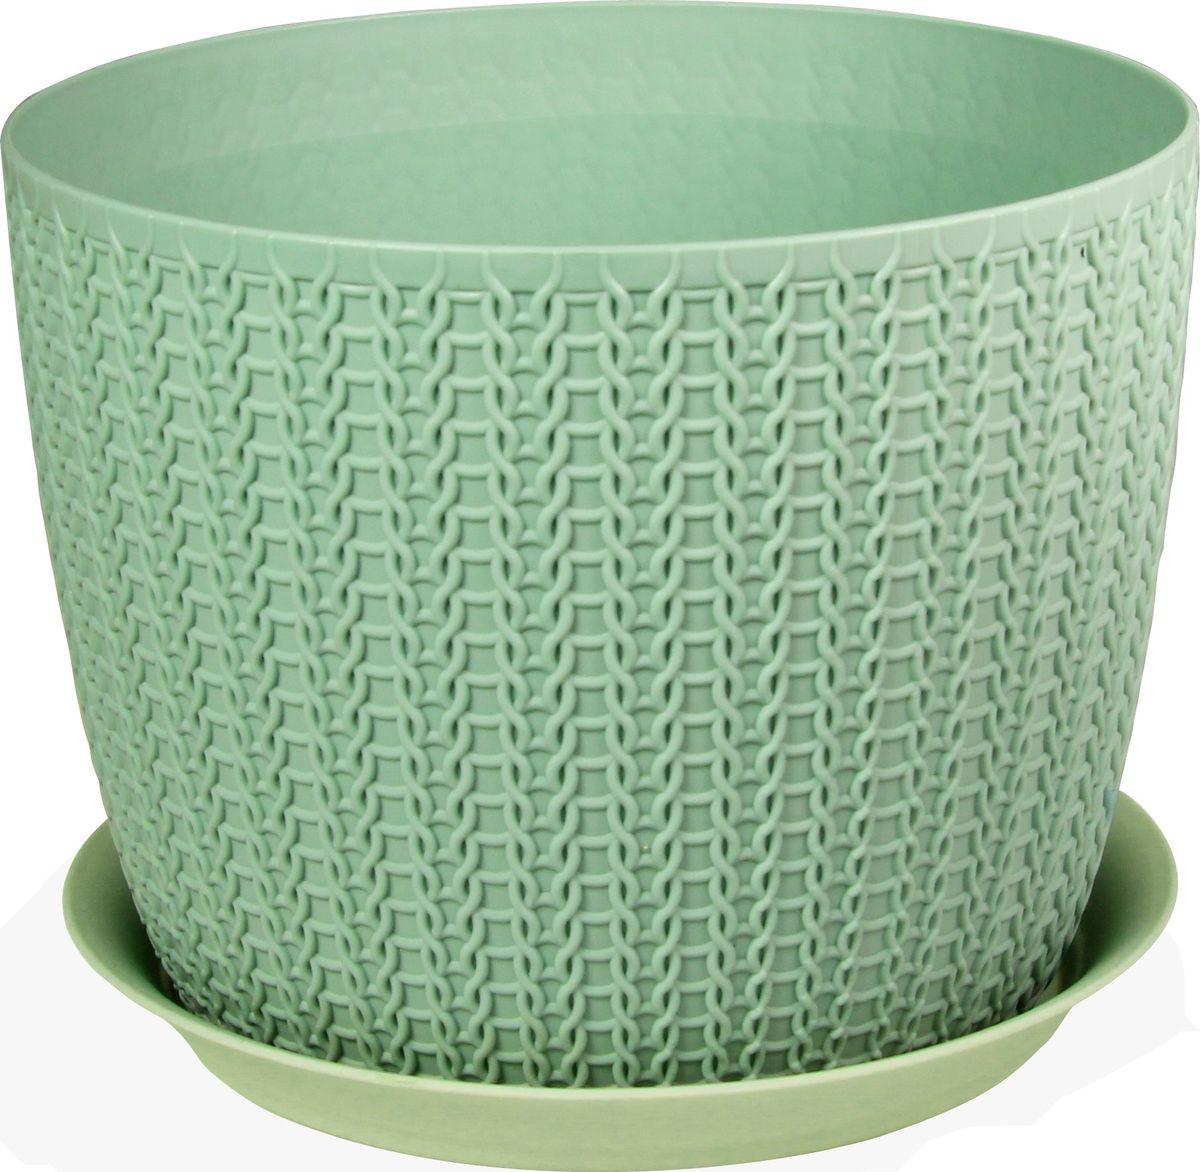 Кашпо Idea Вязание, с поддоном, цвет: фисташковый, диаметр 13,5 см кашпо idea верона с подставкой цвет белый диаметр 14 см